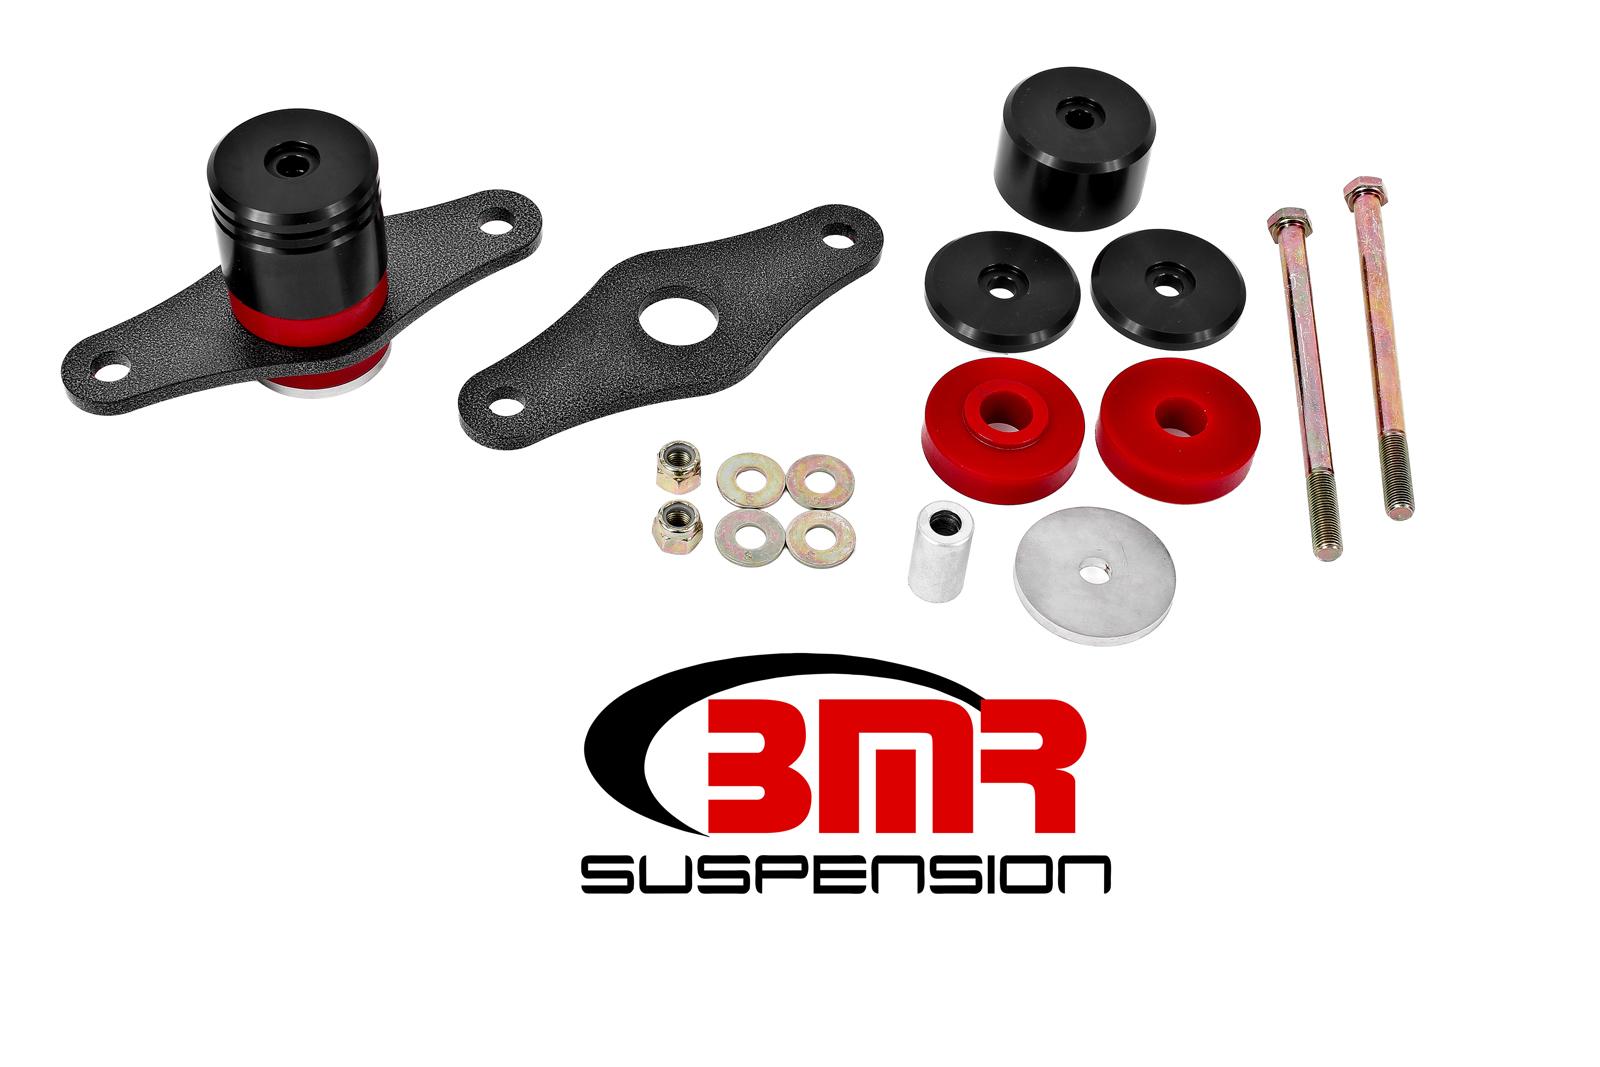 Bmr Suspension 15-17 Mustang Motor Mount Kit Polyurethane